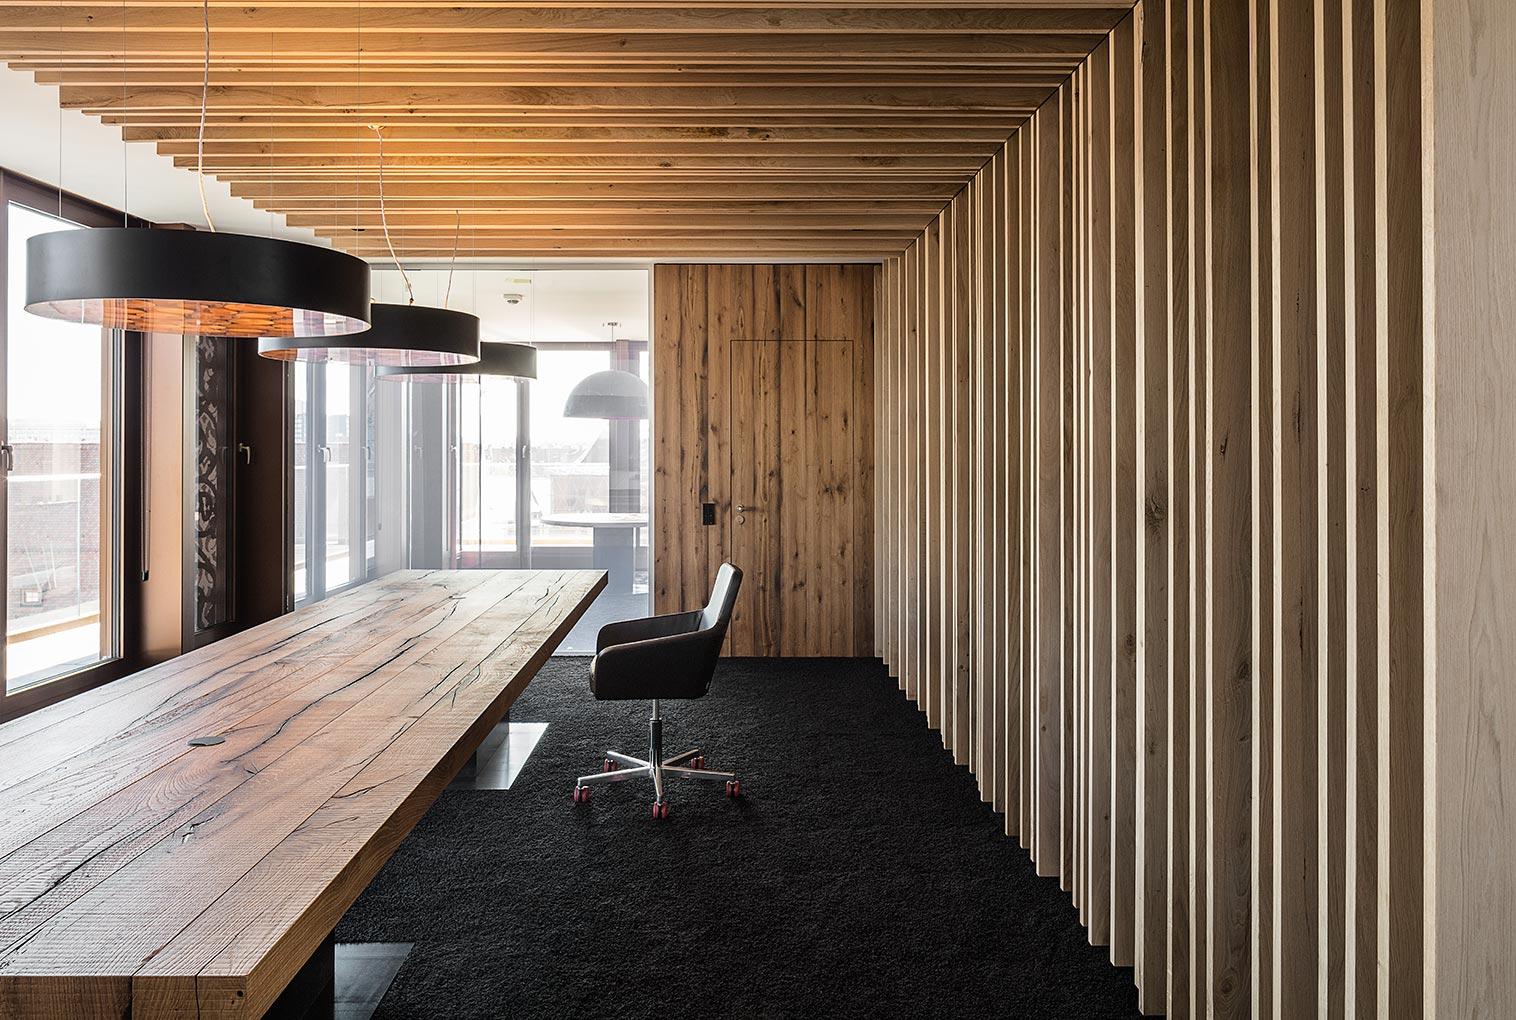 spezialisierte Innenausbauten nach Maß, Interieur Fotograf,